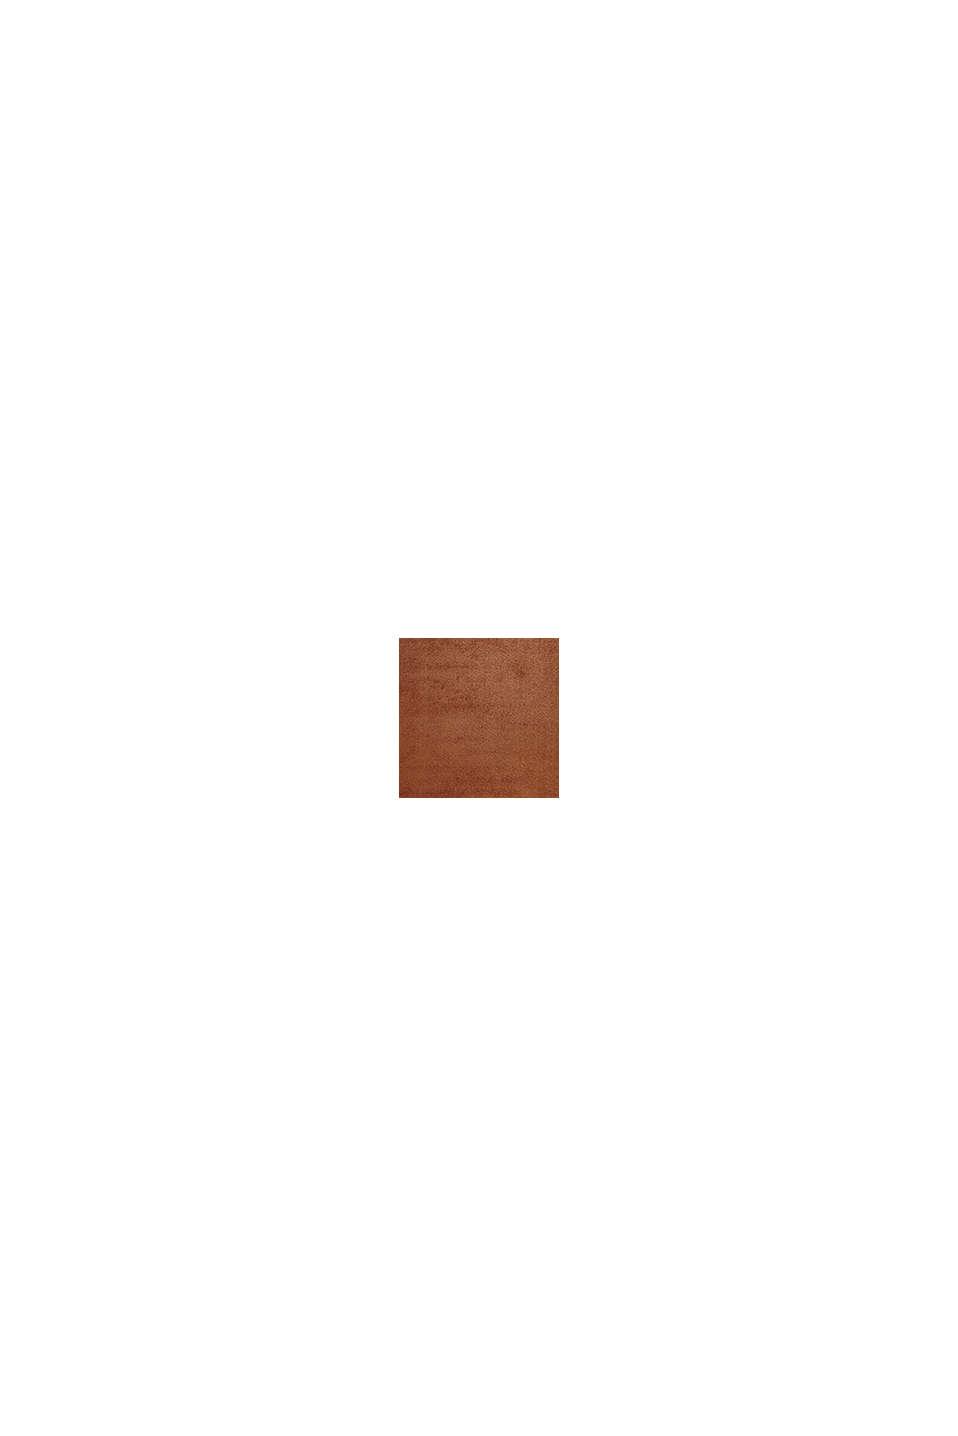 Kurzflor-Teppich in modernen uni Farben, RUST BROWN, swatch